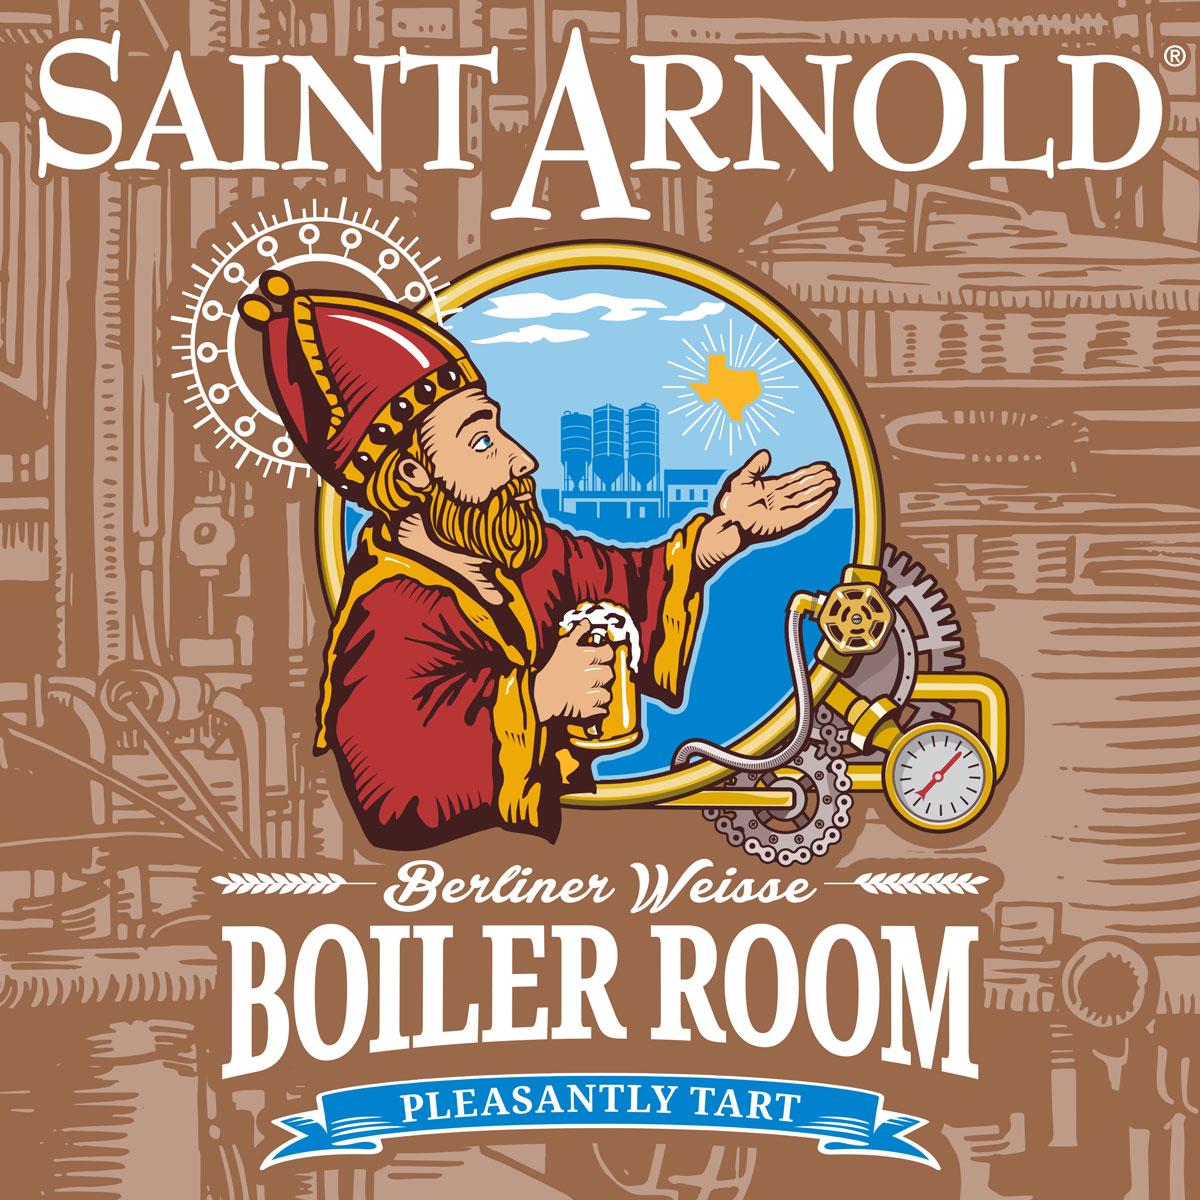 brand_image_boiler_room